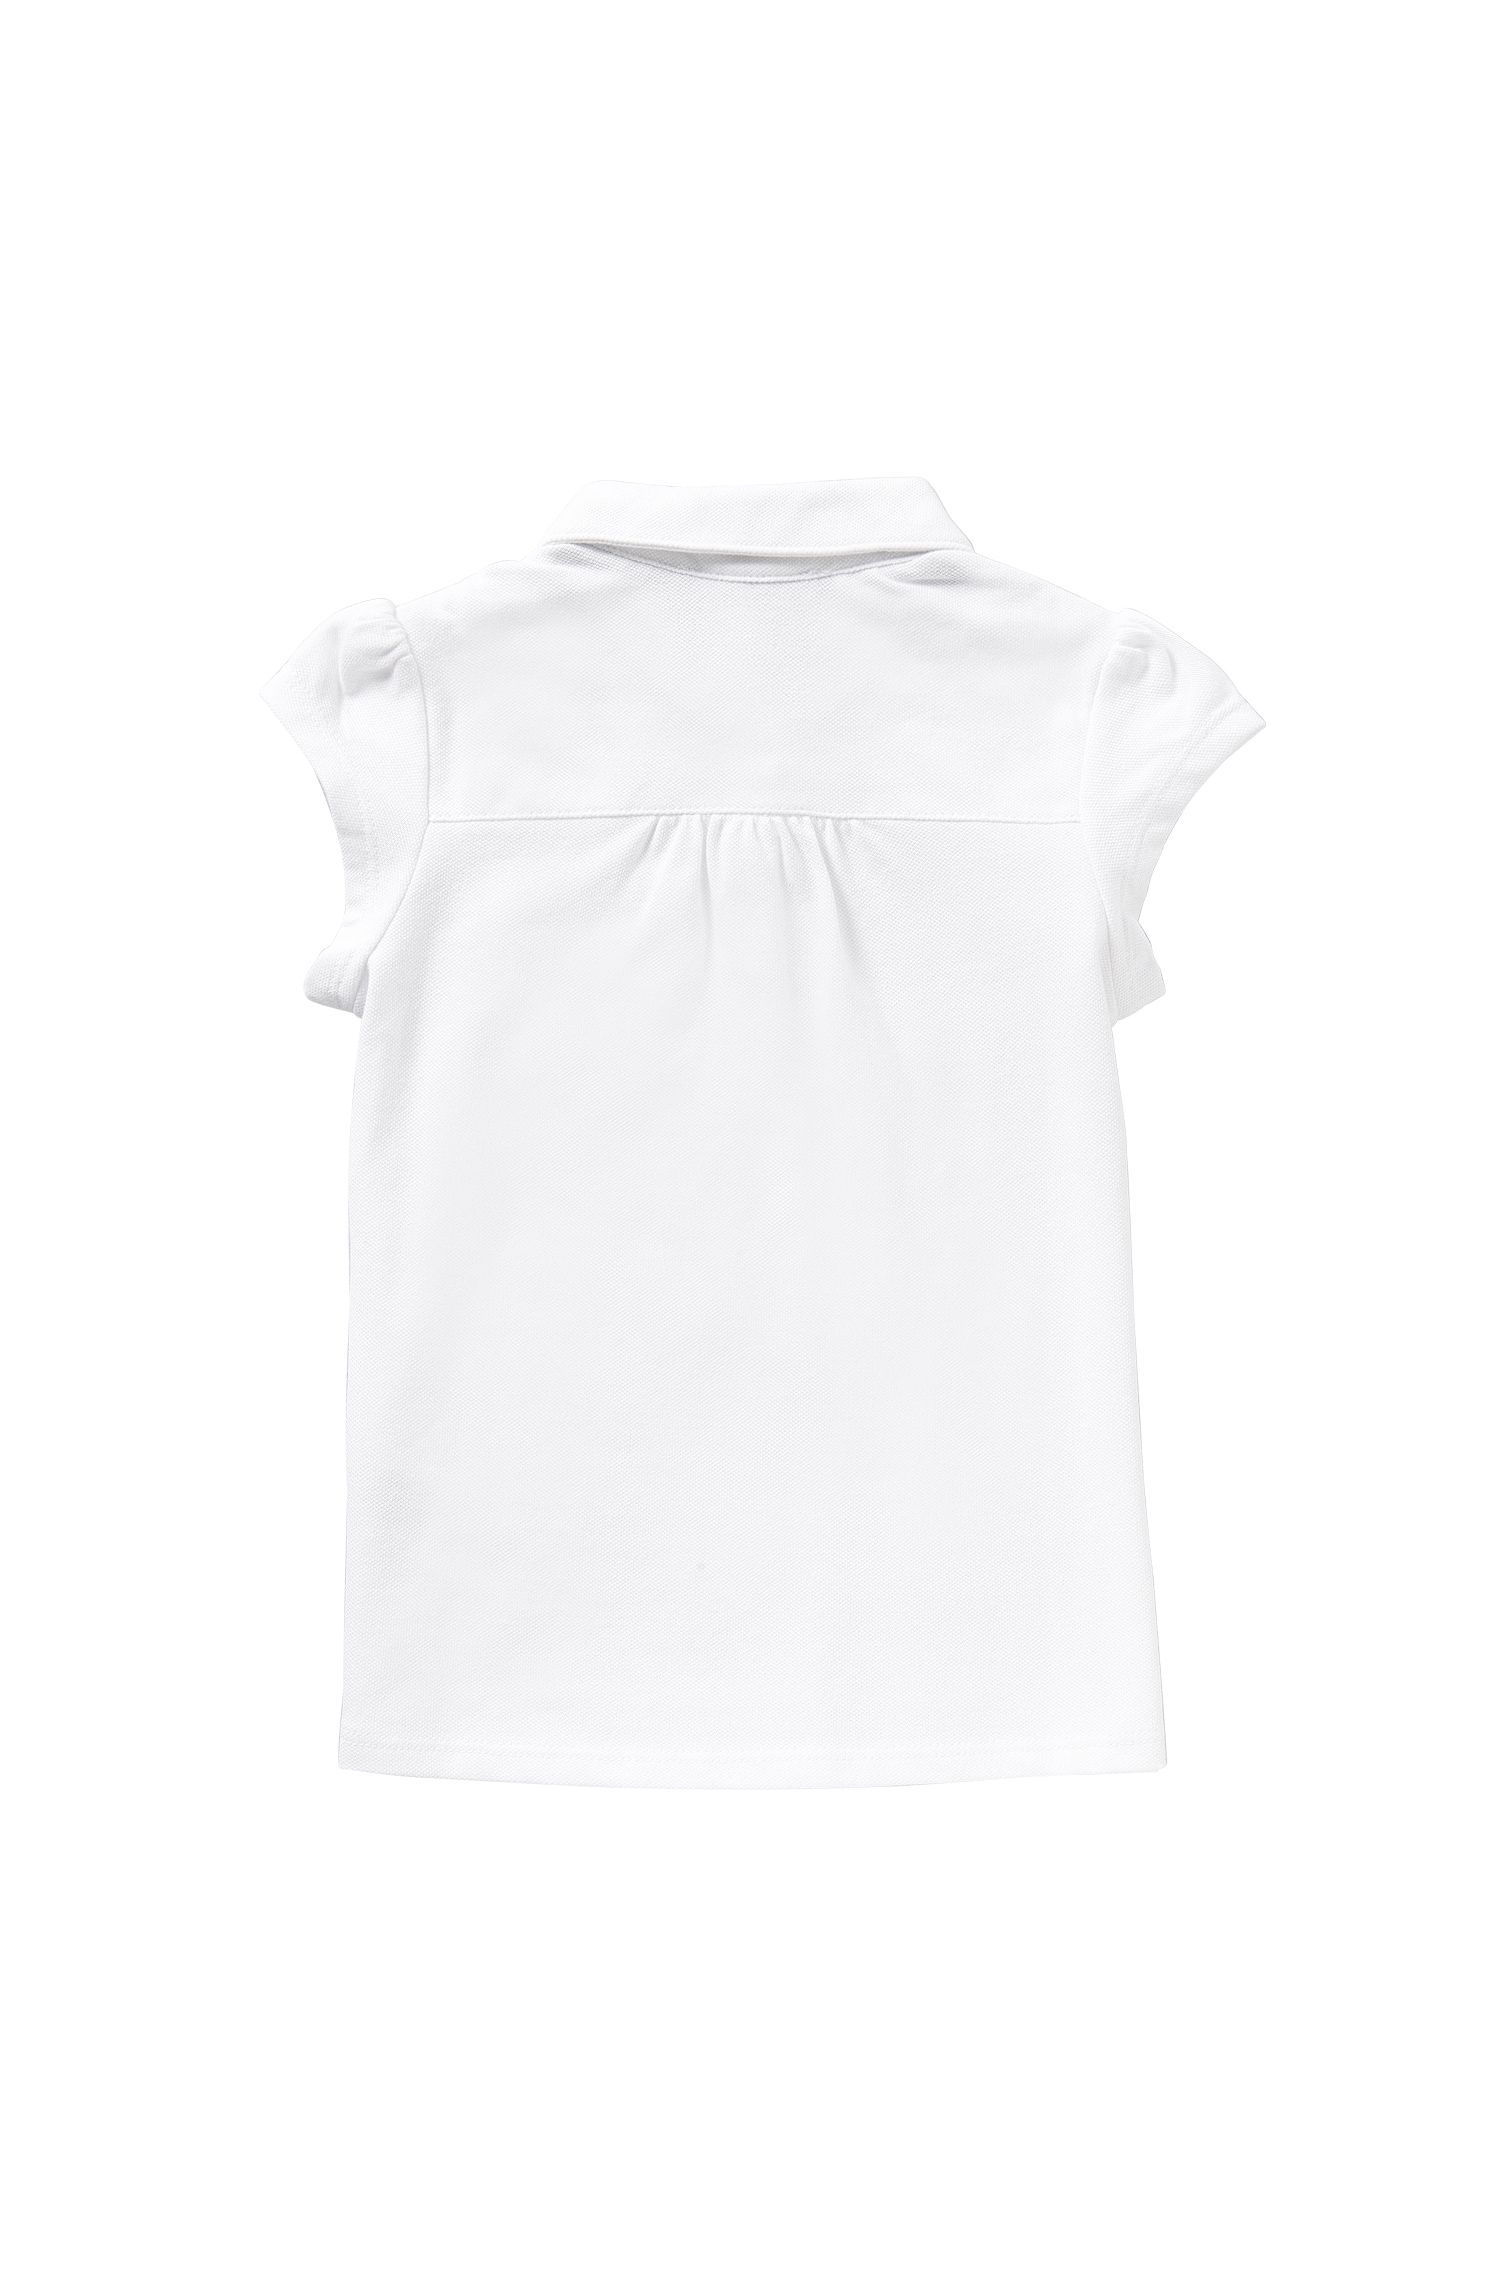 Kids-Poloshirt aus Stretch-Baumwolle mit aufgesetzter Brusttasche: 'J15343'